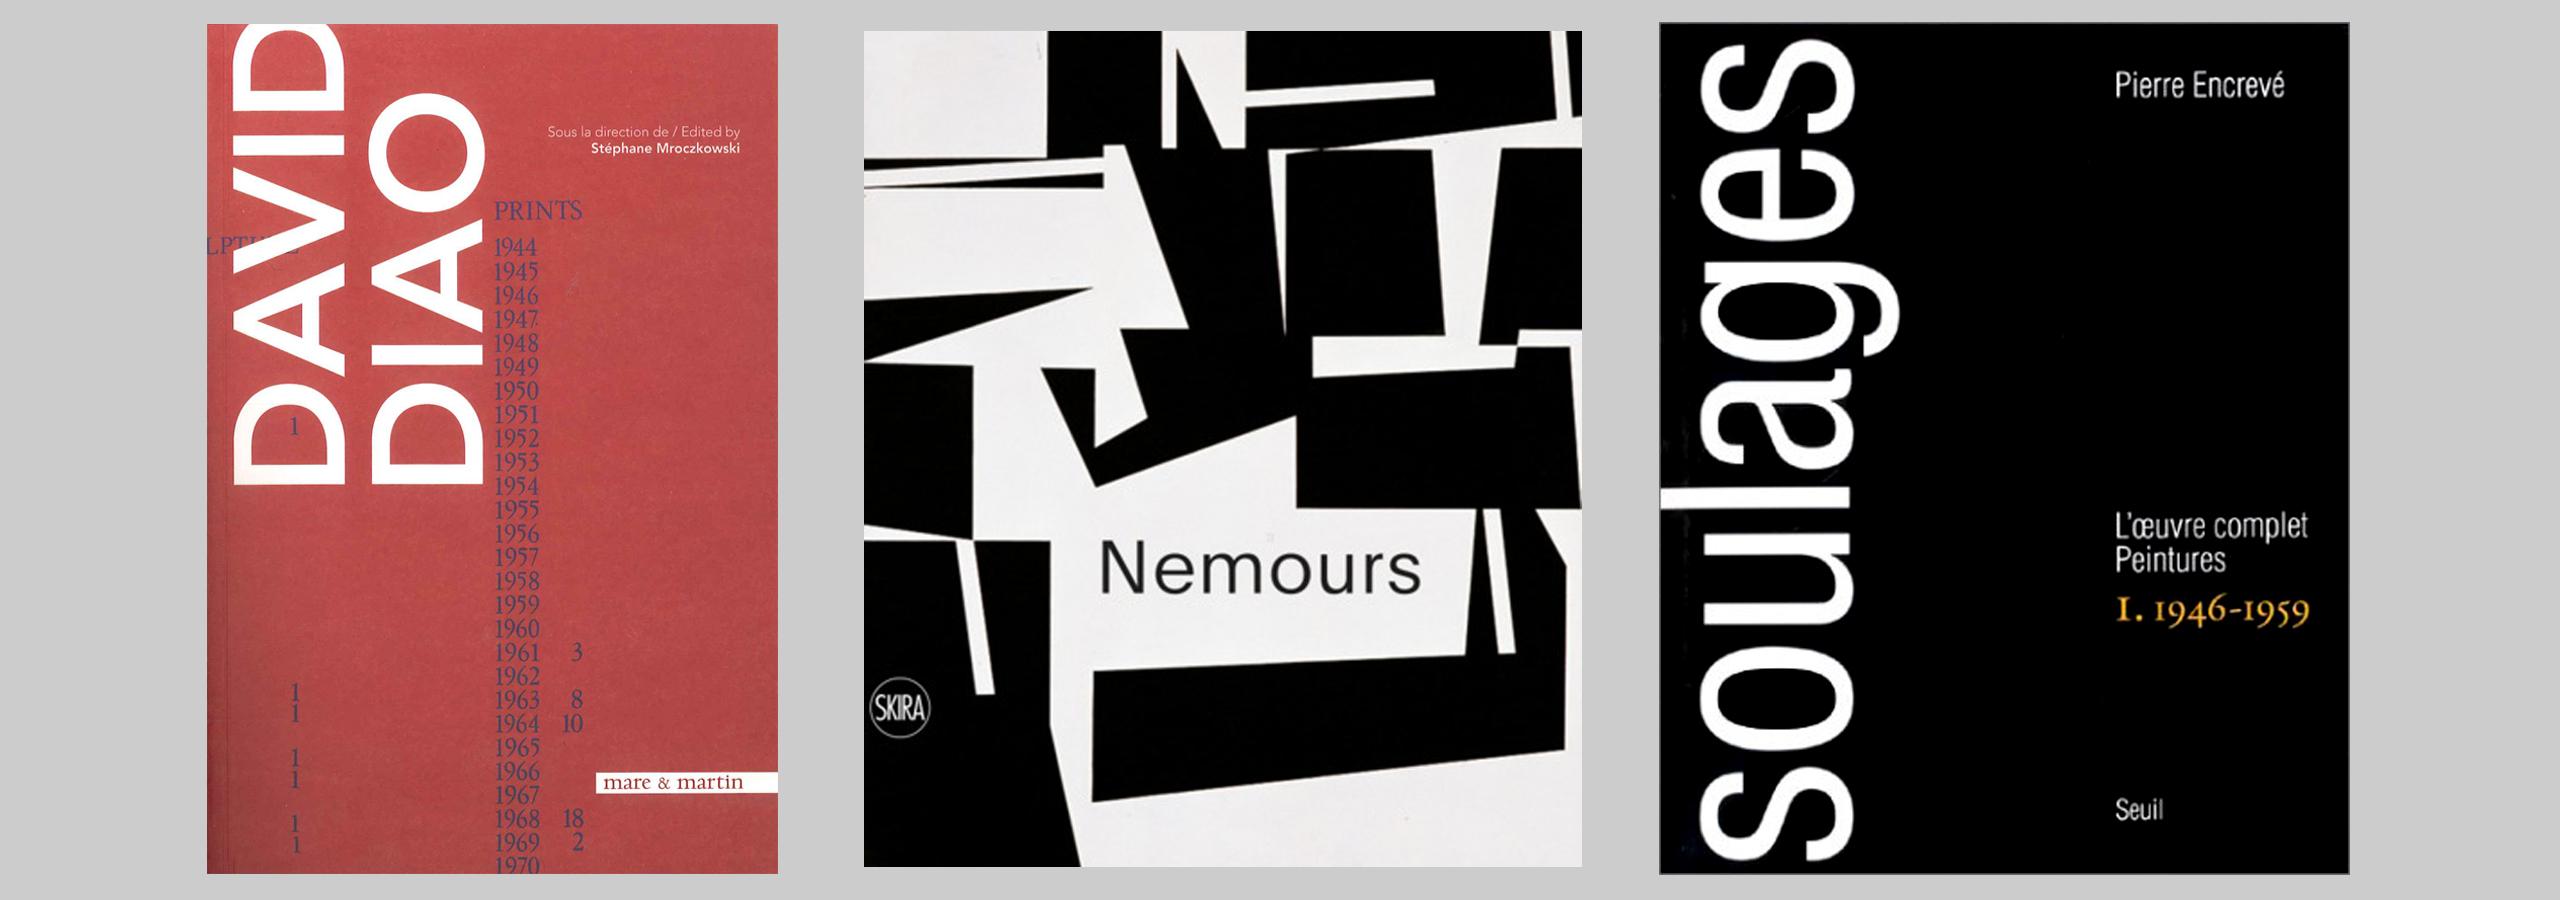 Première de couverture de 3 livres : David Diao, Nemours et Soulages